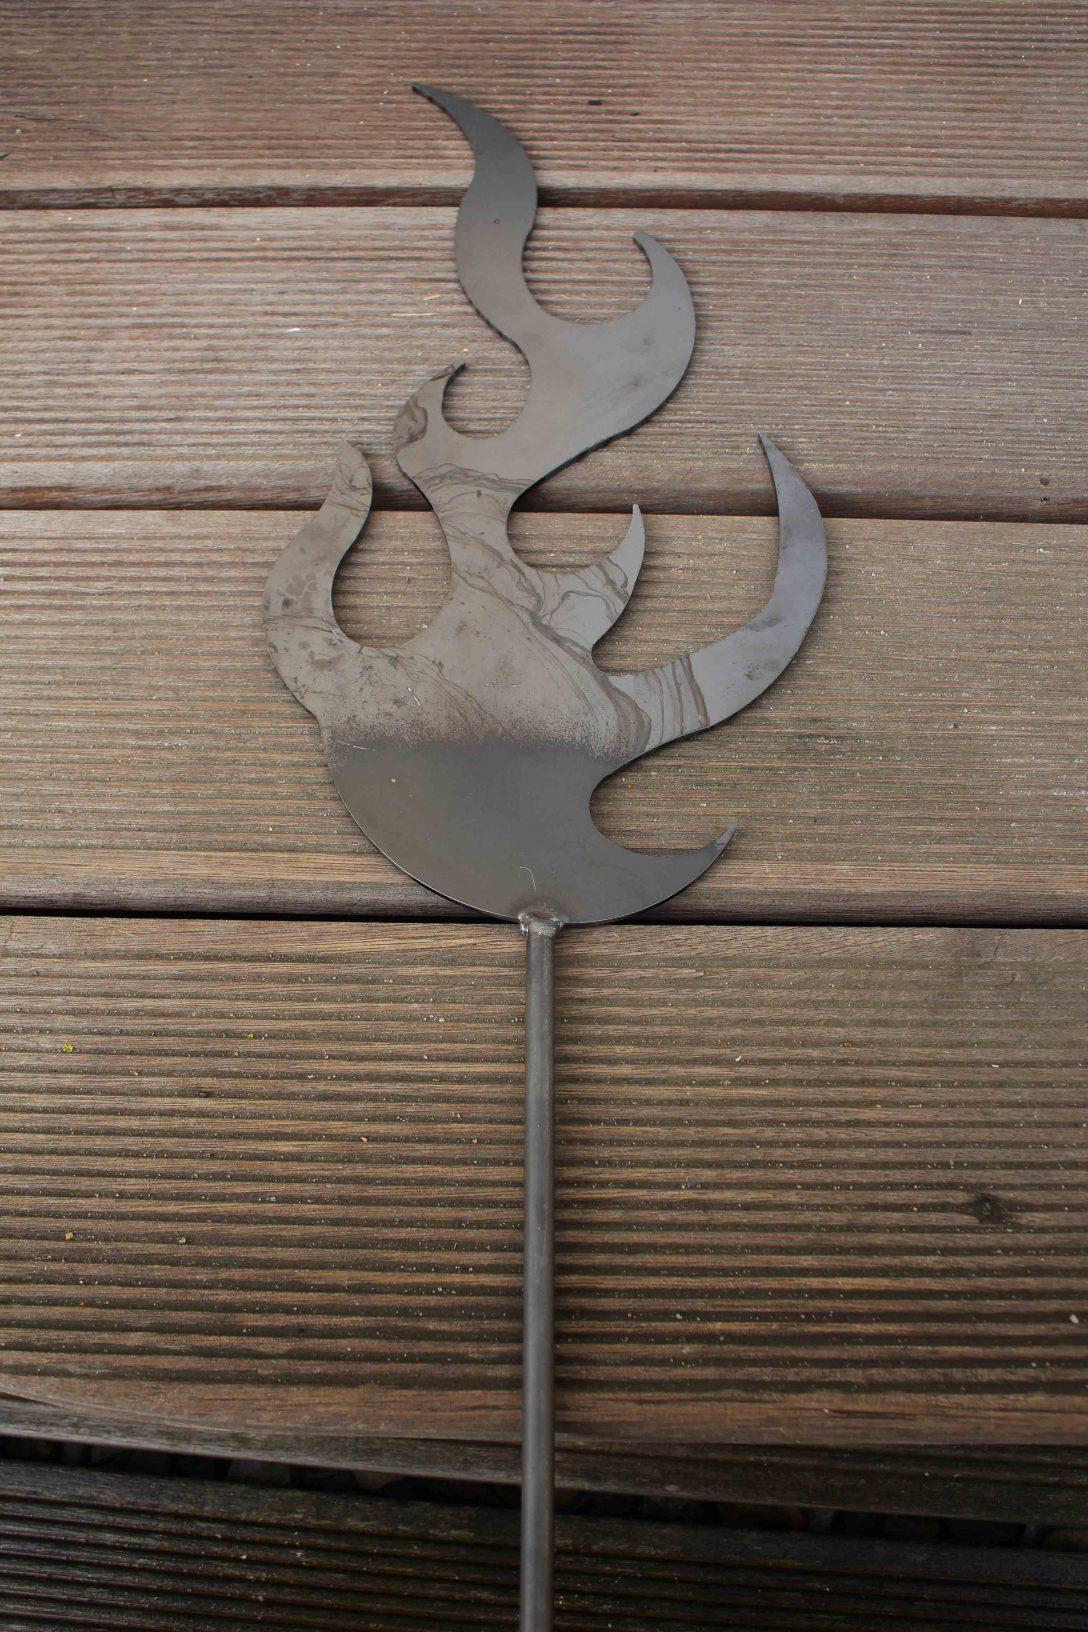 Large Size of Gartendeko Aus Holz Und Metall Flamme Metallkunst Holzhaus Garten Runder Esstisch Ausziehbar Weiß Regal Obstkisten Thailand Rundreise Baden Landhaus Wohnzimmer Gartendeko Aus Holz Und Metall